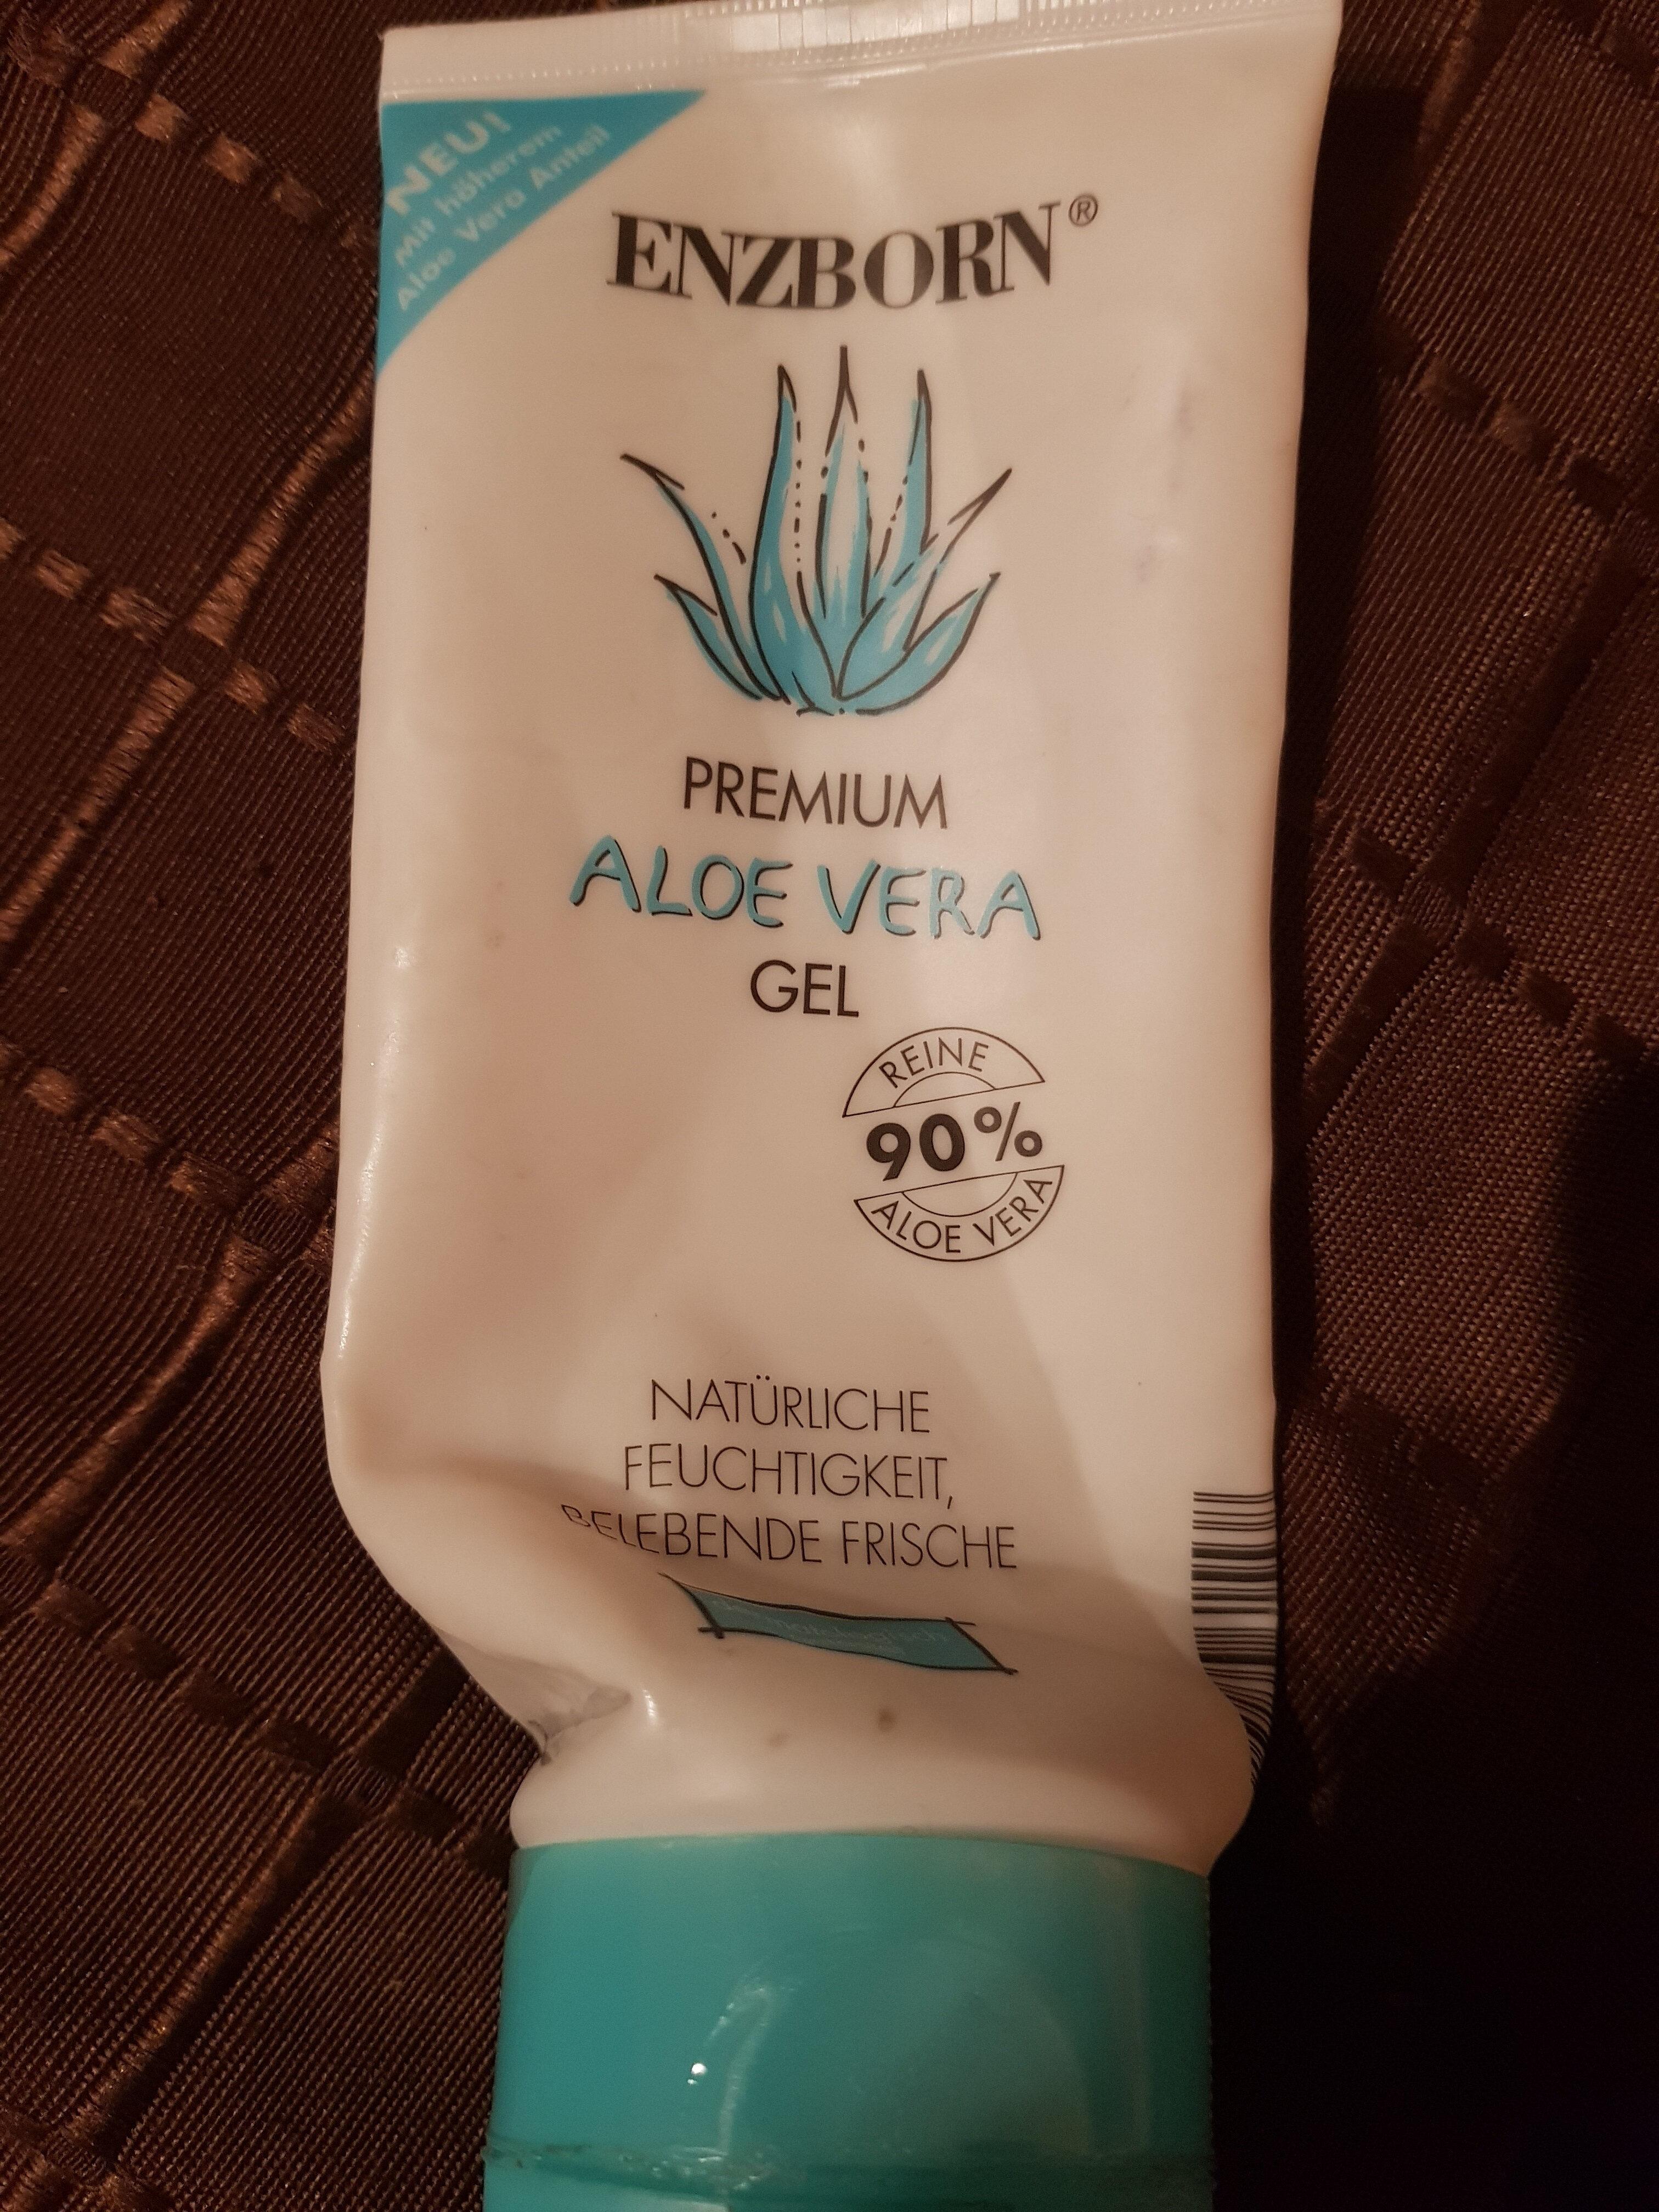 Enzborn Premium Aloe Vera Gel 90% - Product